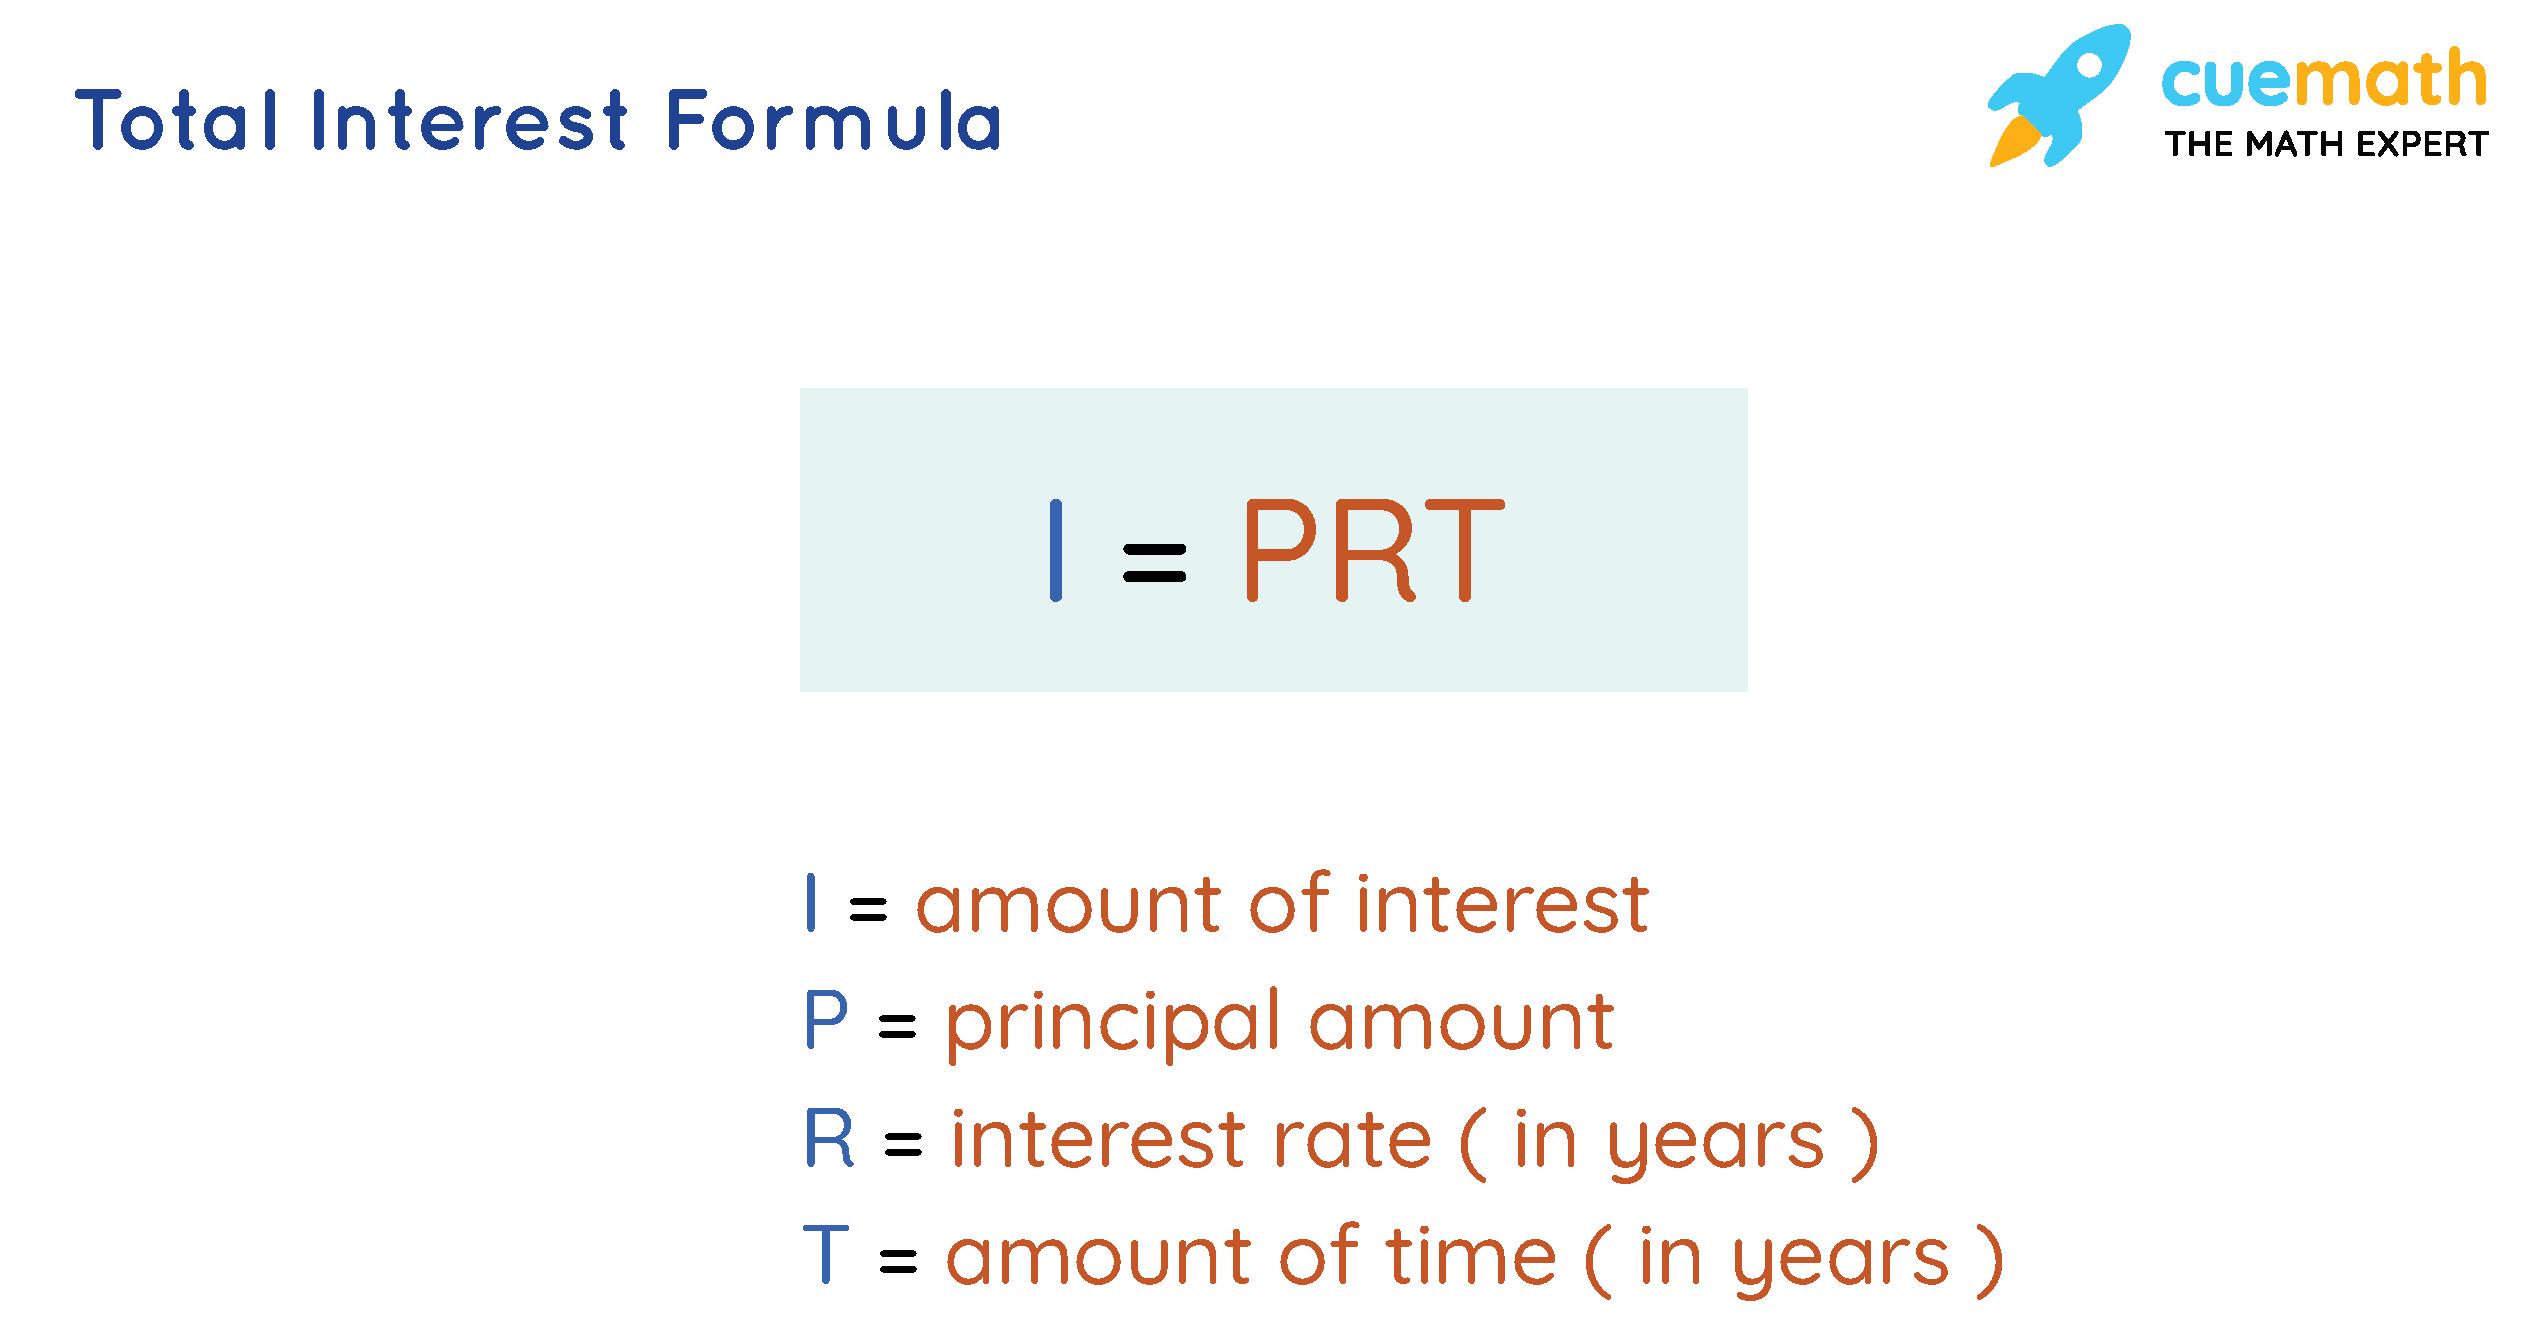 Total Interest Formula